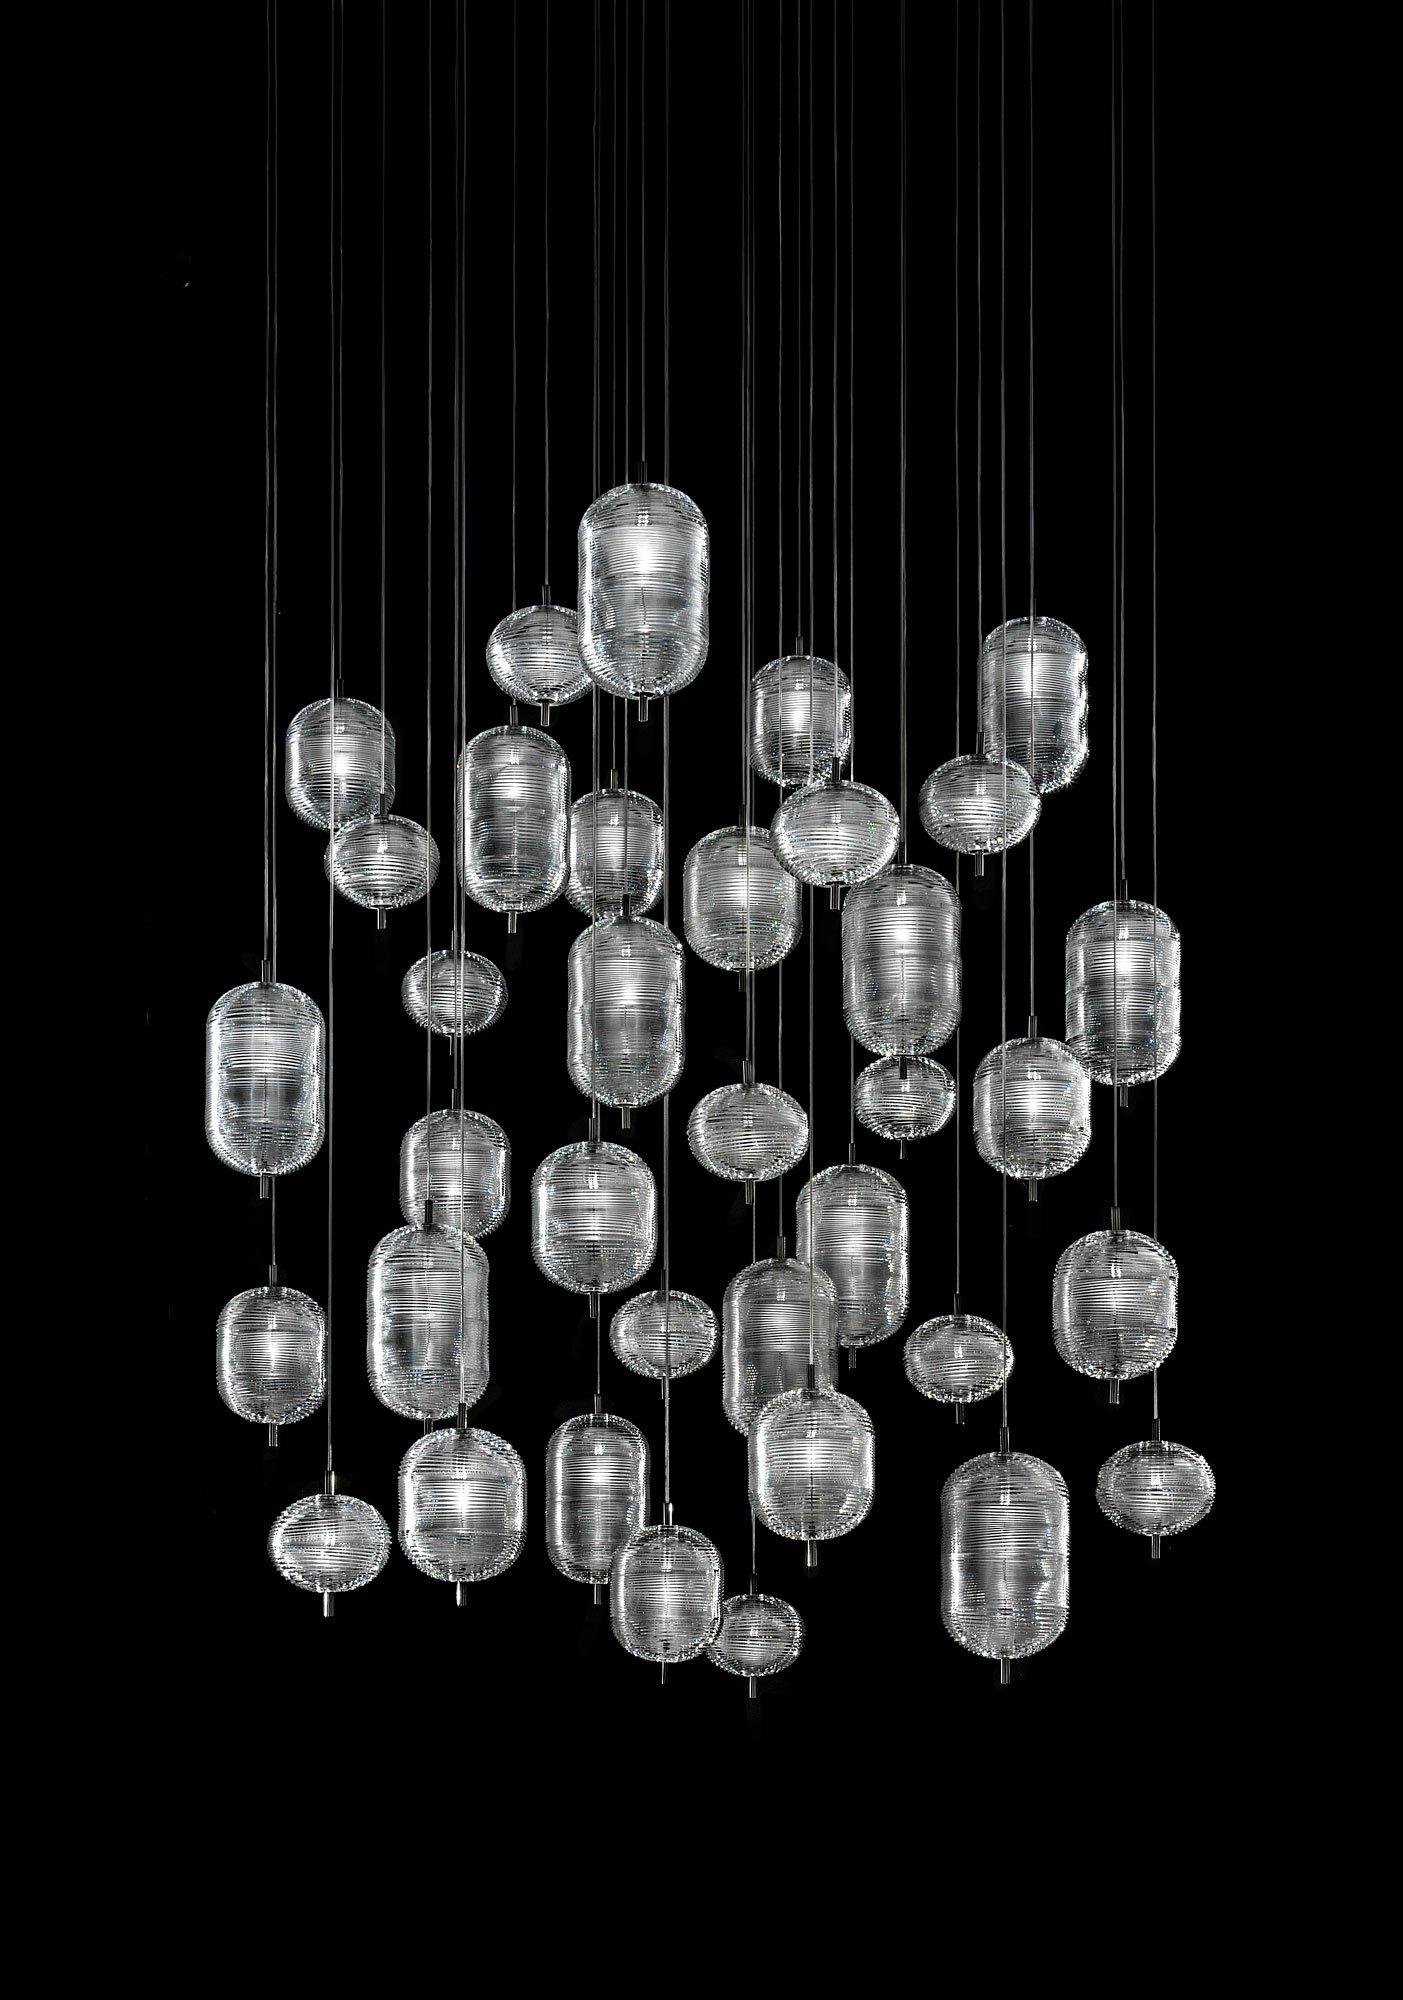 Gläserne Pendelleuchte von Luca Nichetto für Lodes